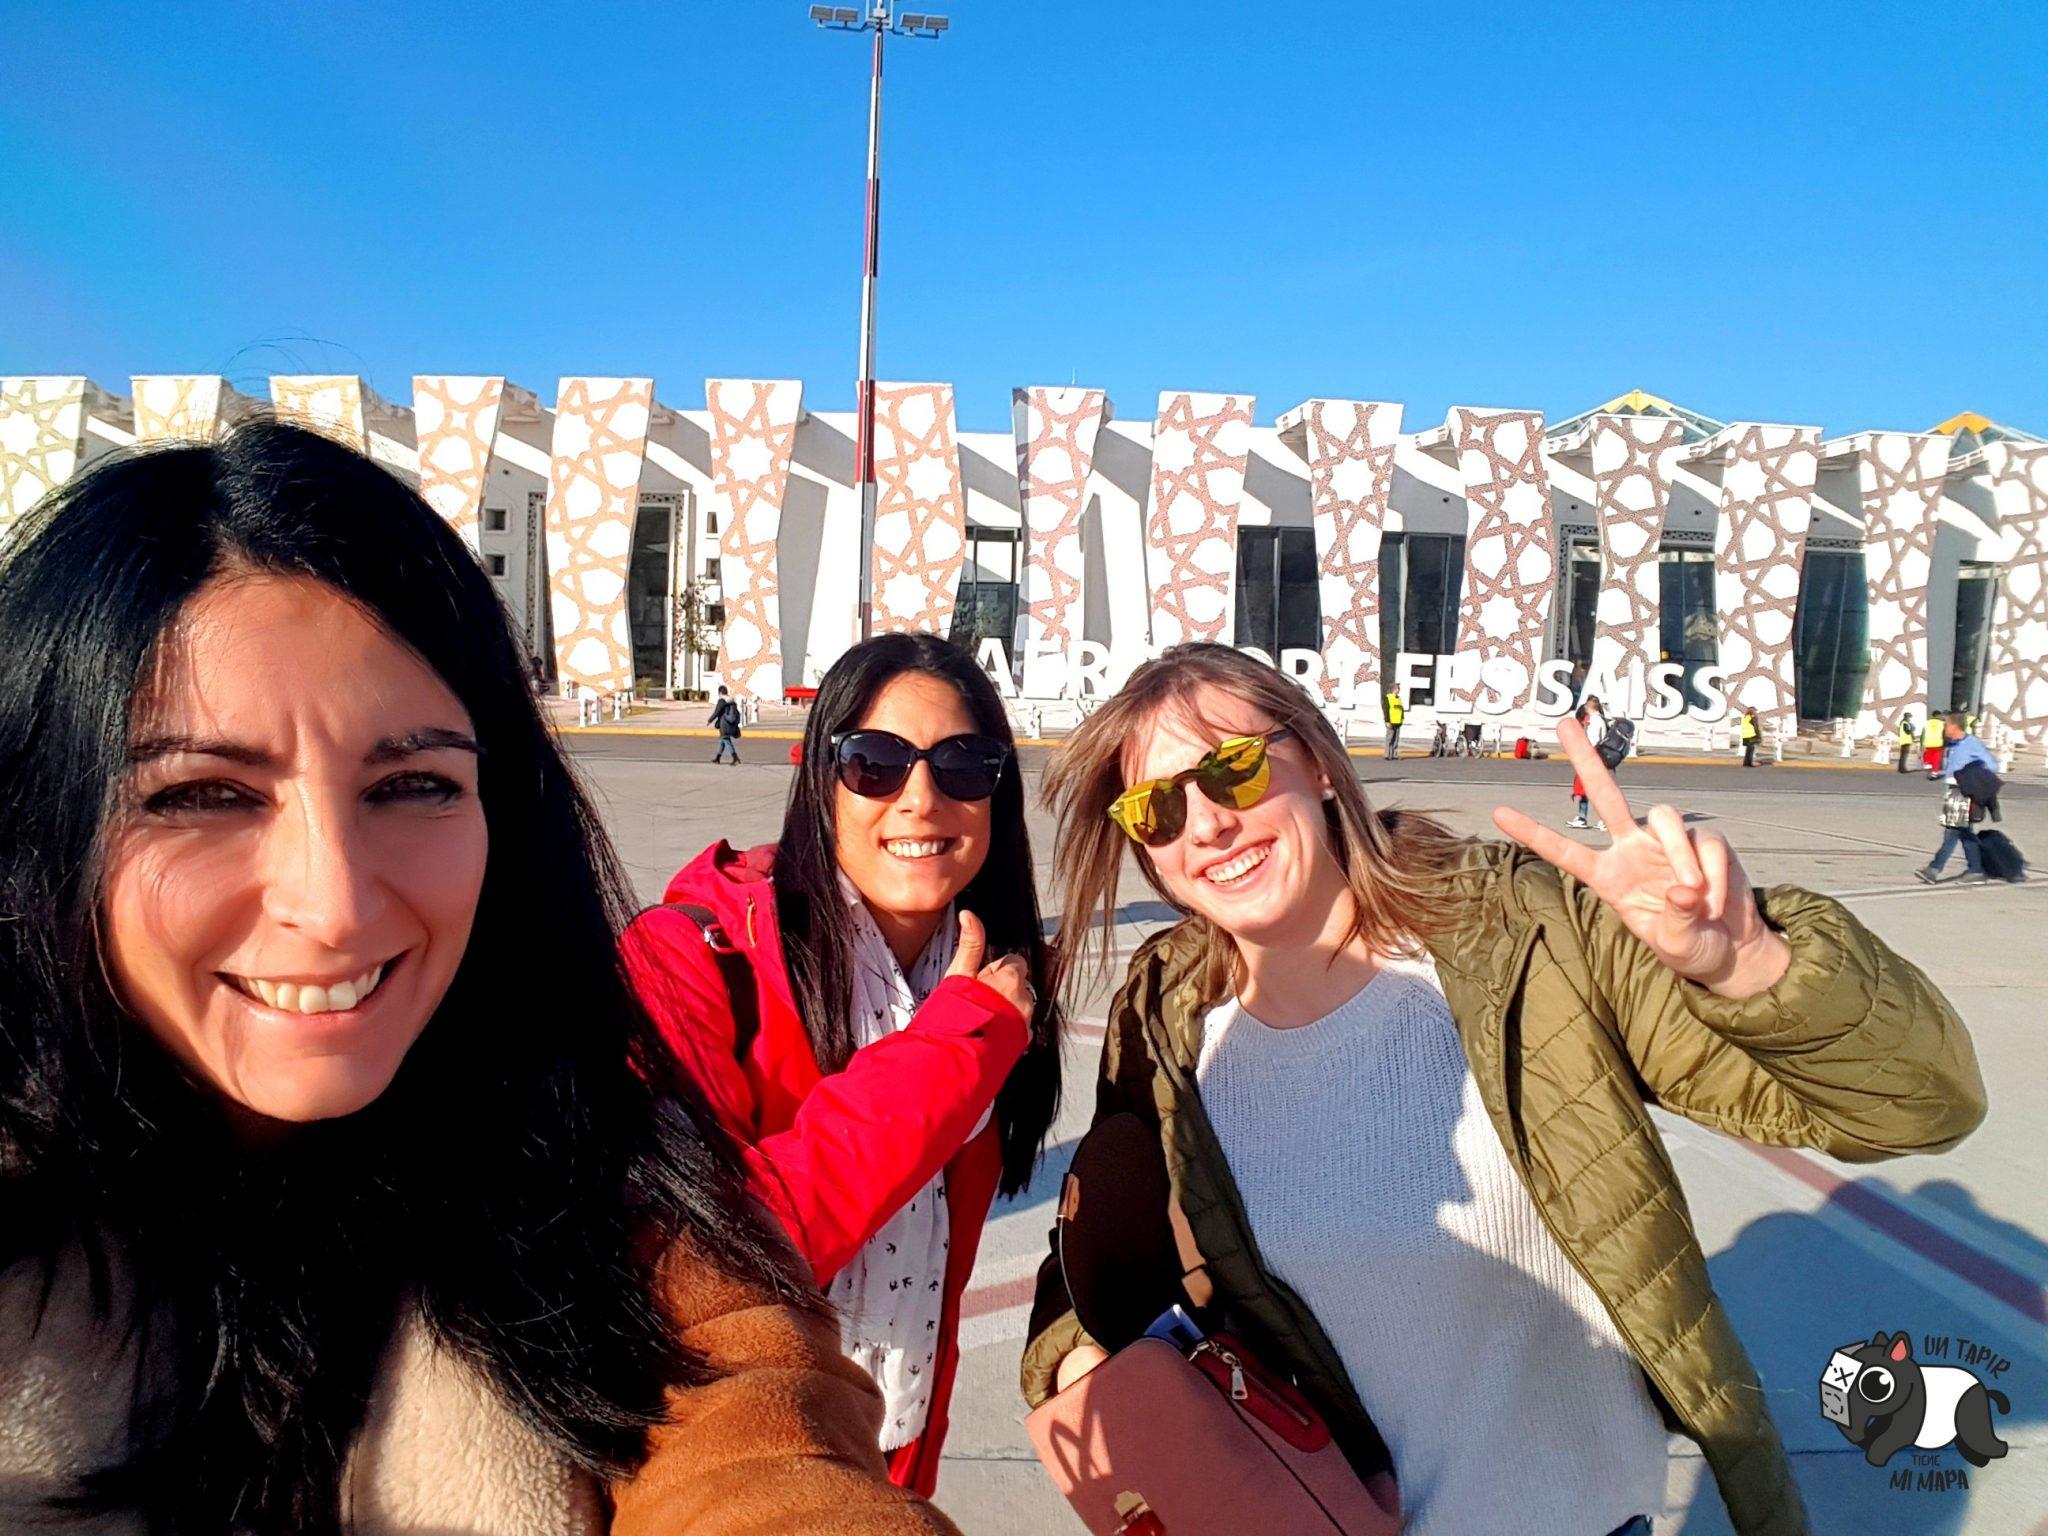 Llegada al Aeropuerto de Fez. ¡Felices!